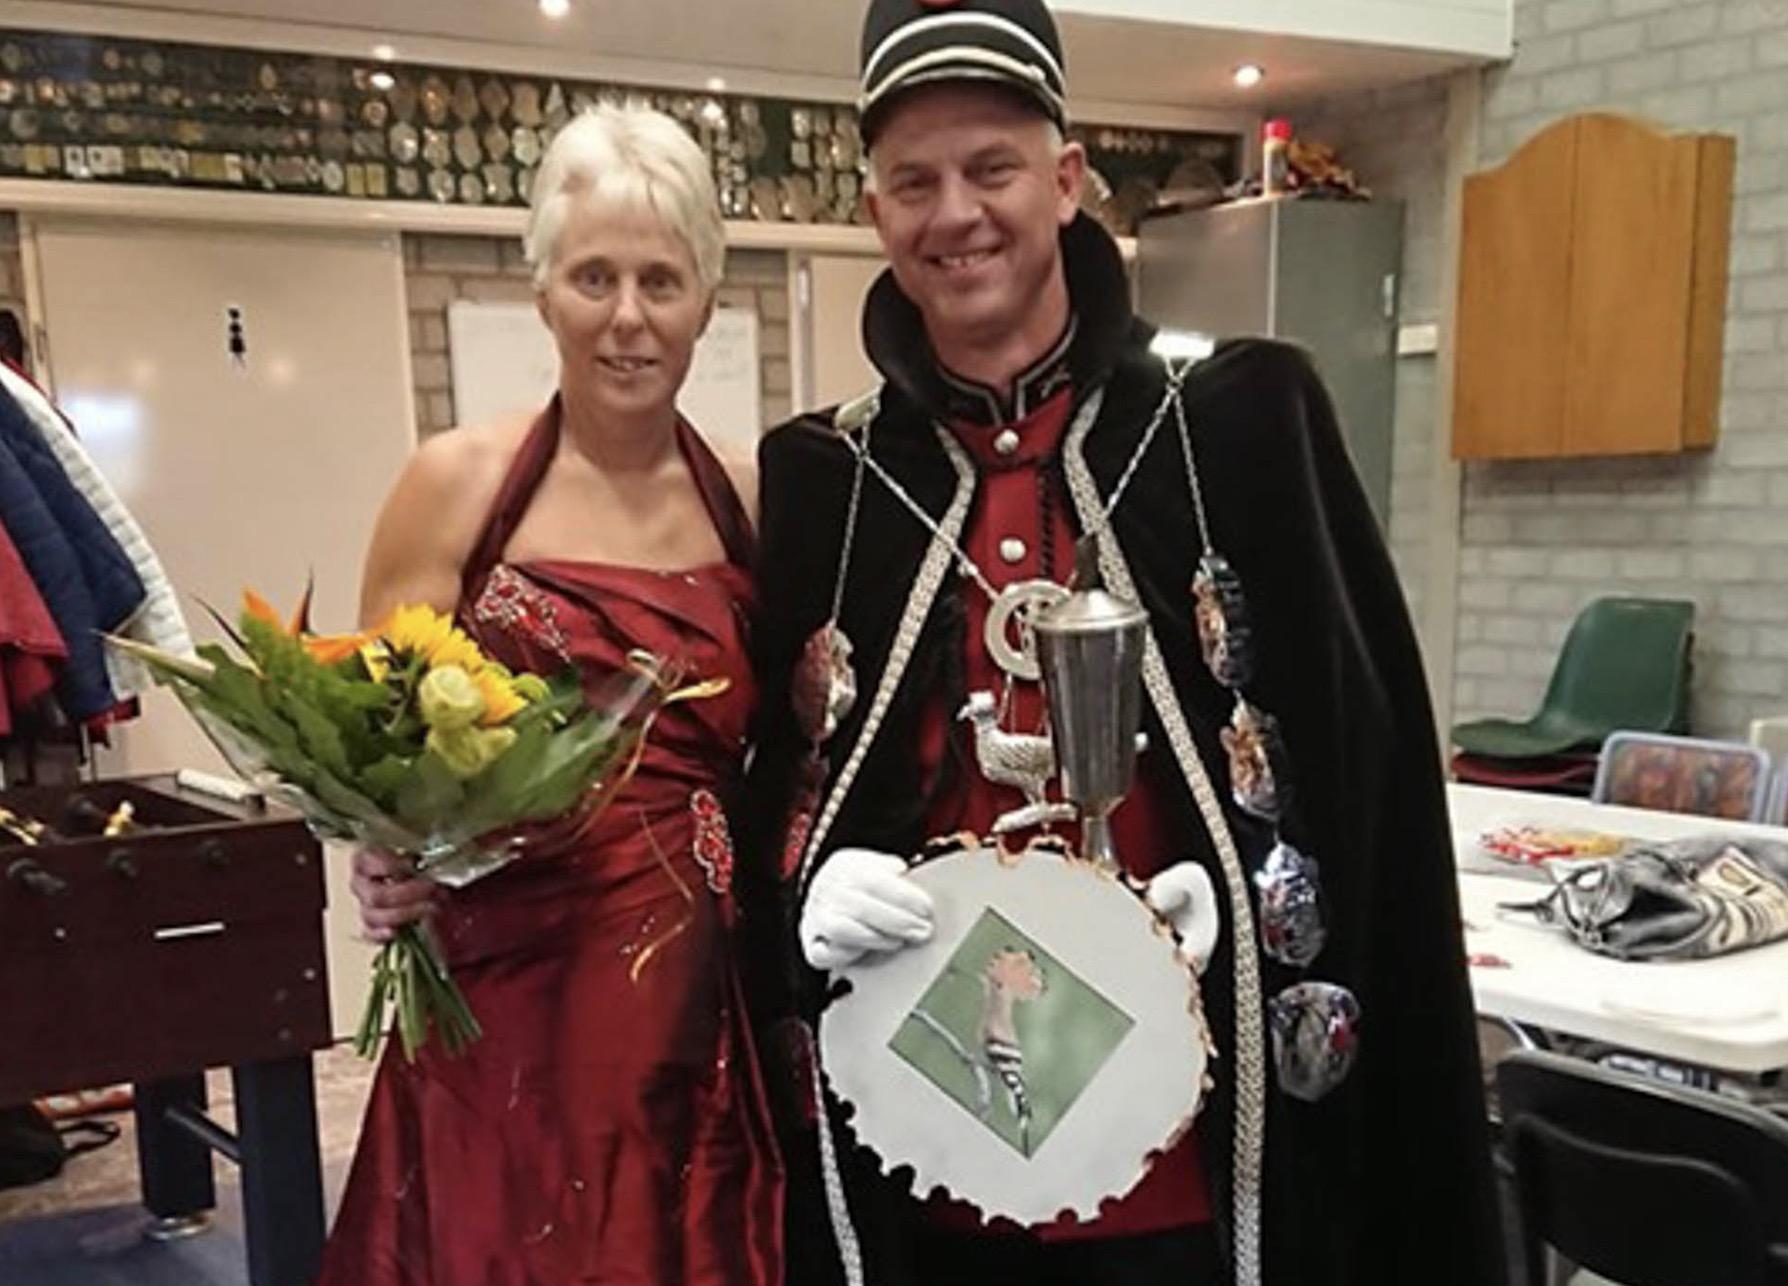 Koningsschieten en jubilarissen bij St. Odilia Ospeldijk - Nederweert24 - Nederweert24